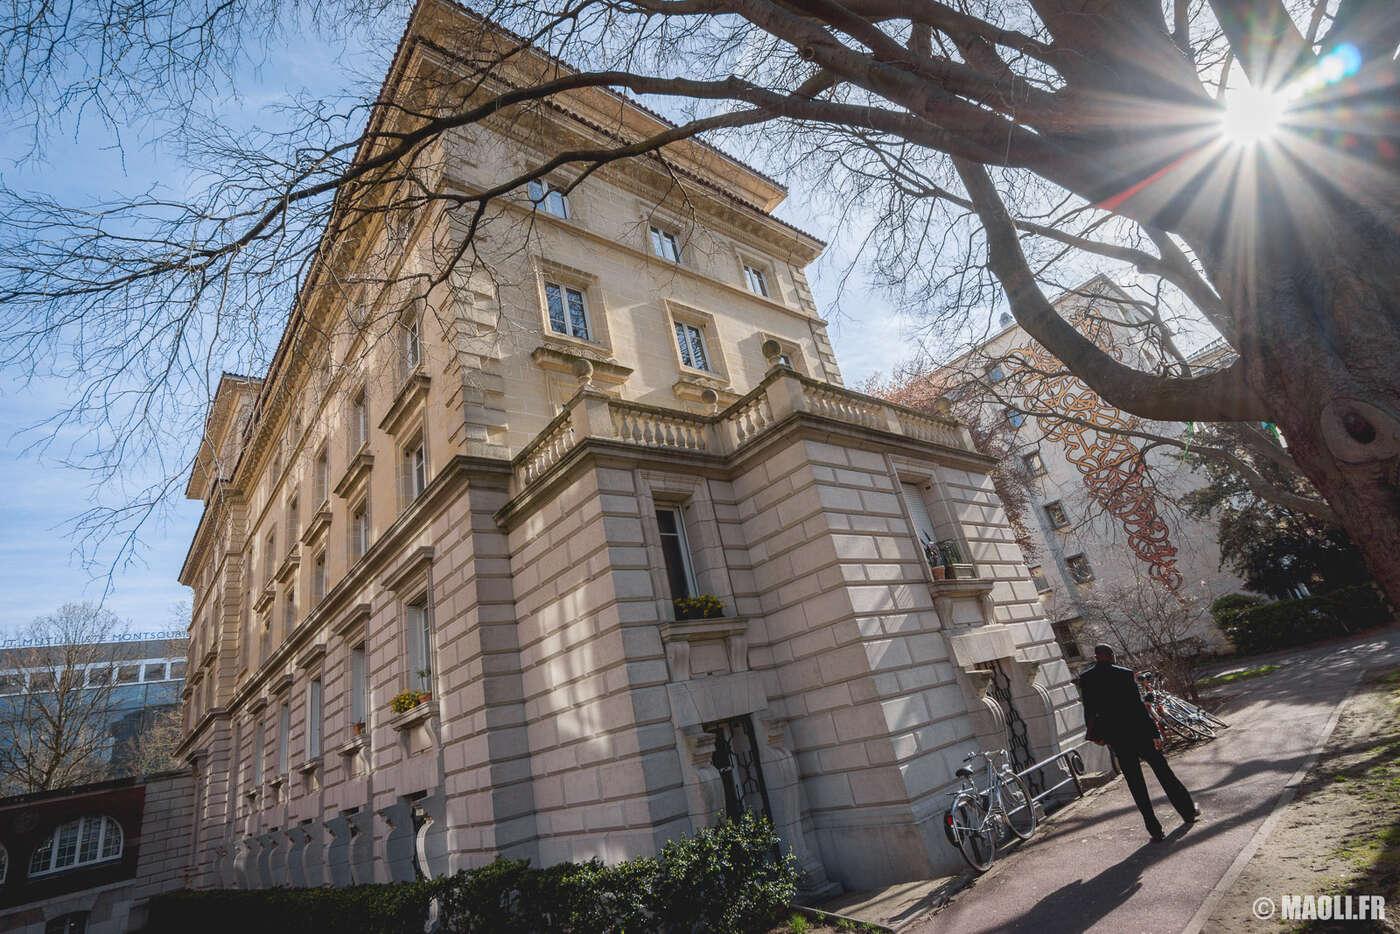 Fondation de Monaco